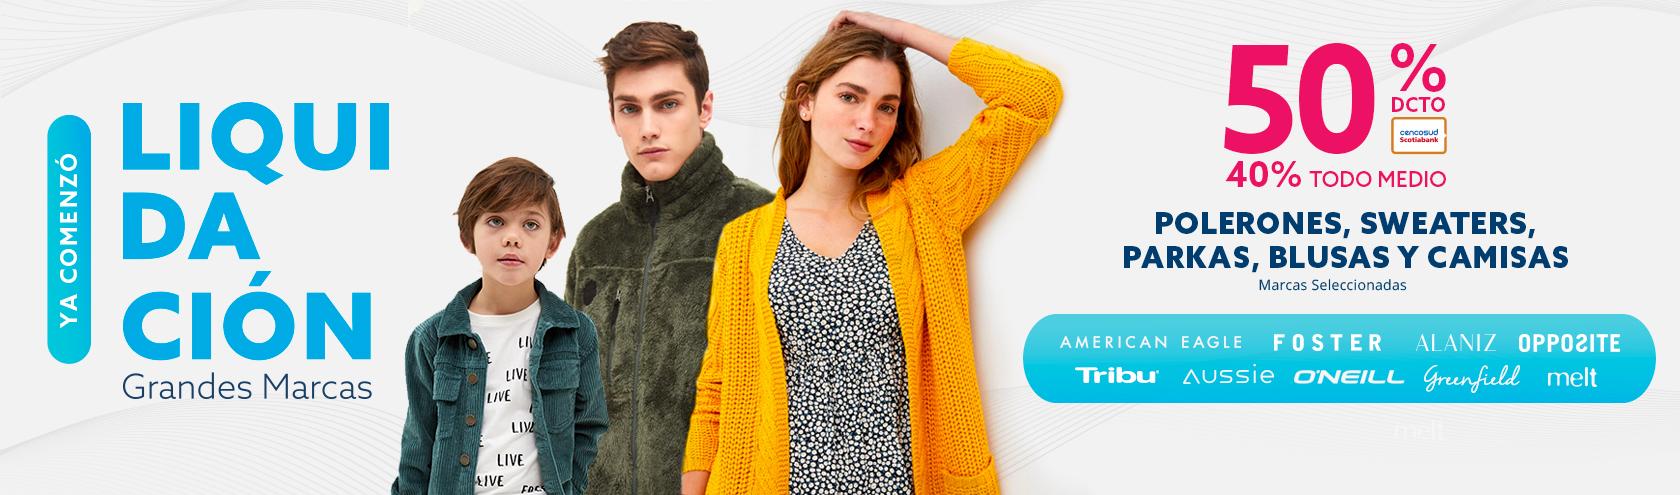 50% de Descuento con Tarjeta Cencosud / 40% Todo Medio en Polerones, Sweaters, Parkas, Blusas y Camisas. Marcas seleccionadas.